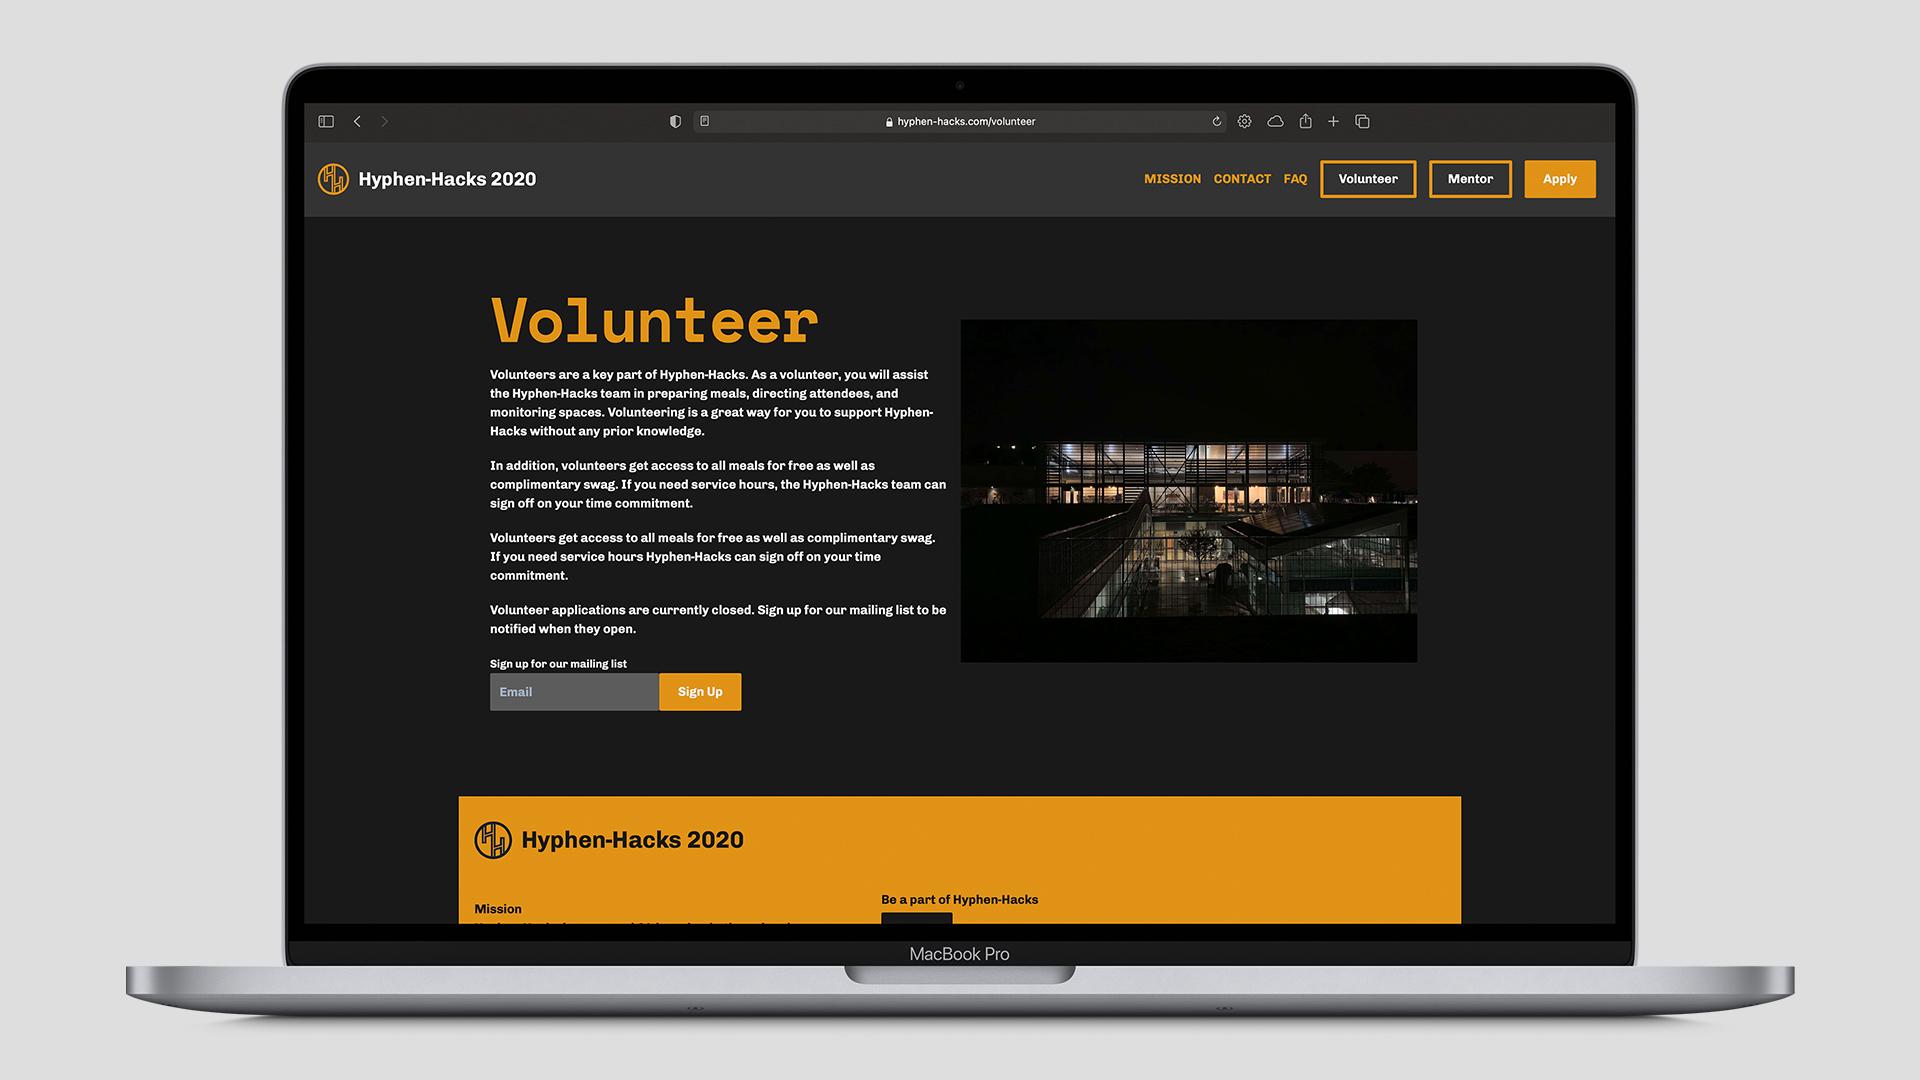 Hyphen-Hacks Volunteer page